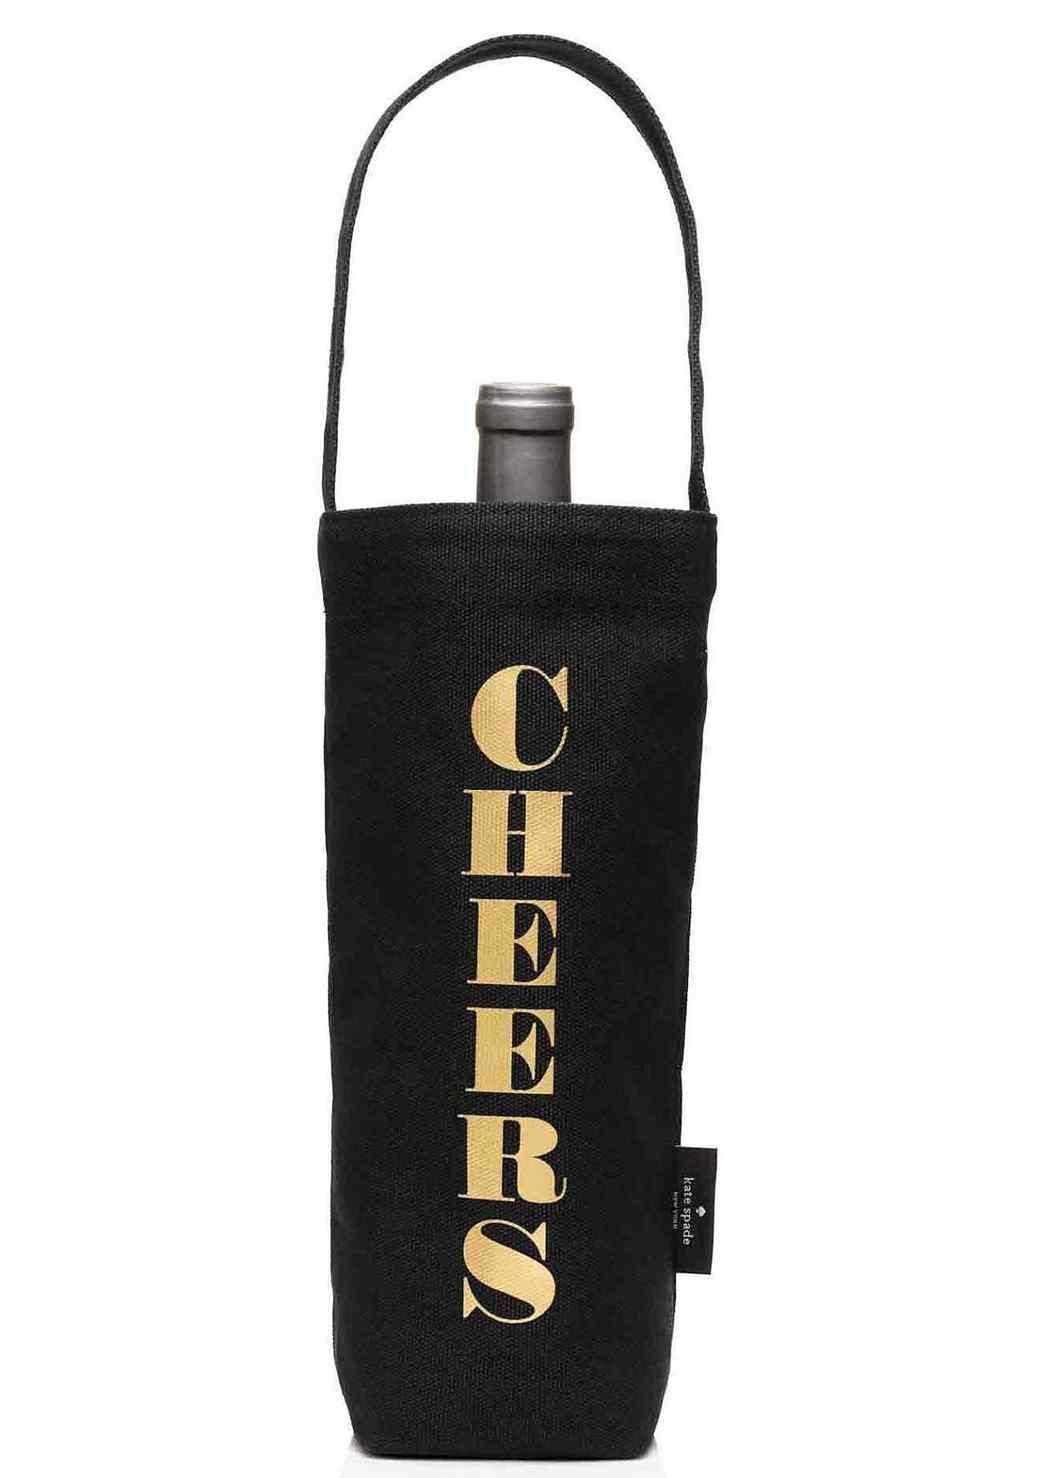 katespade-wine-tote-1215.jpg (skyword:209197)